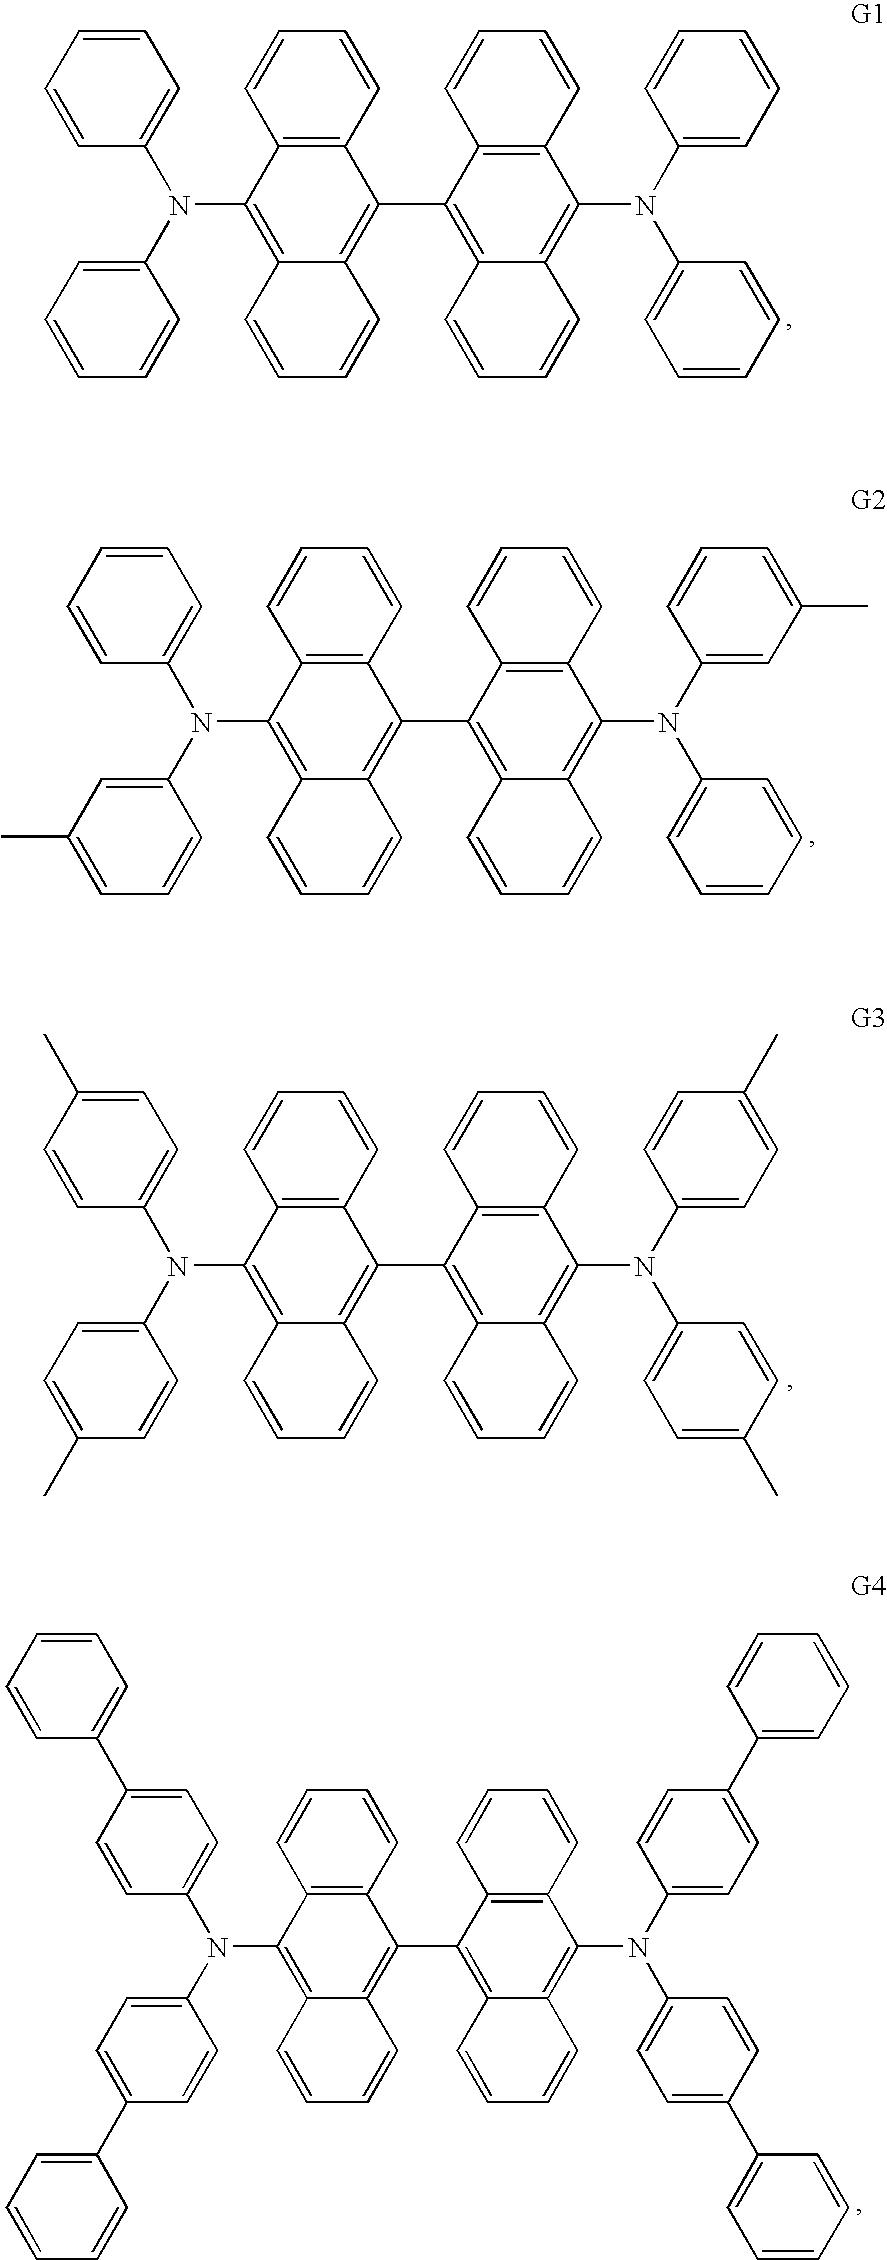 Figure US20070152568A1-20070705-C00004